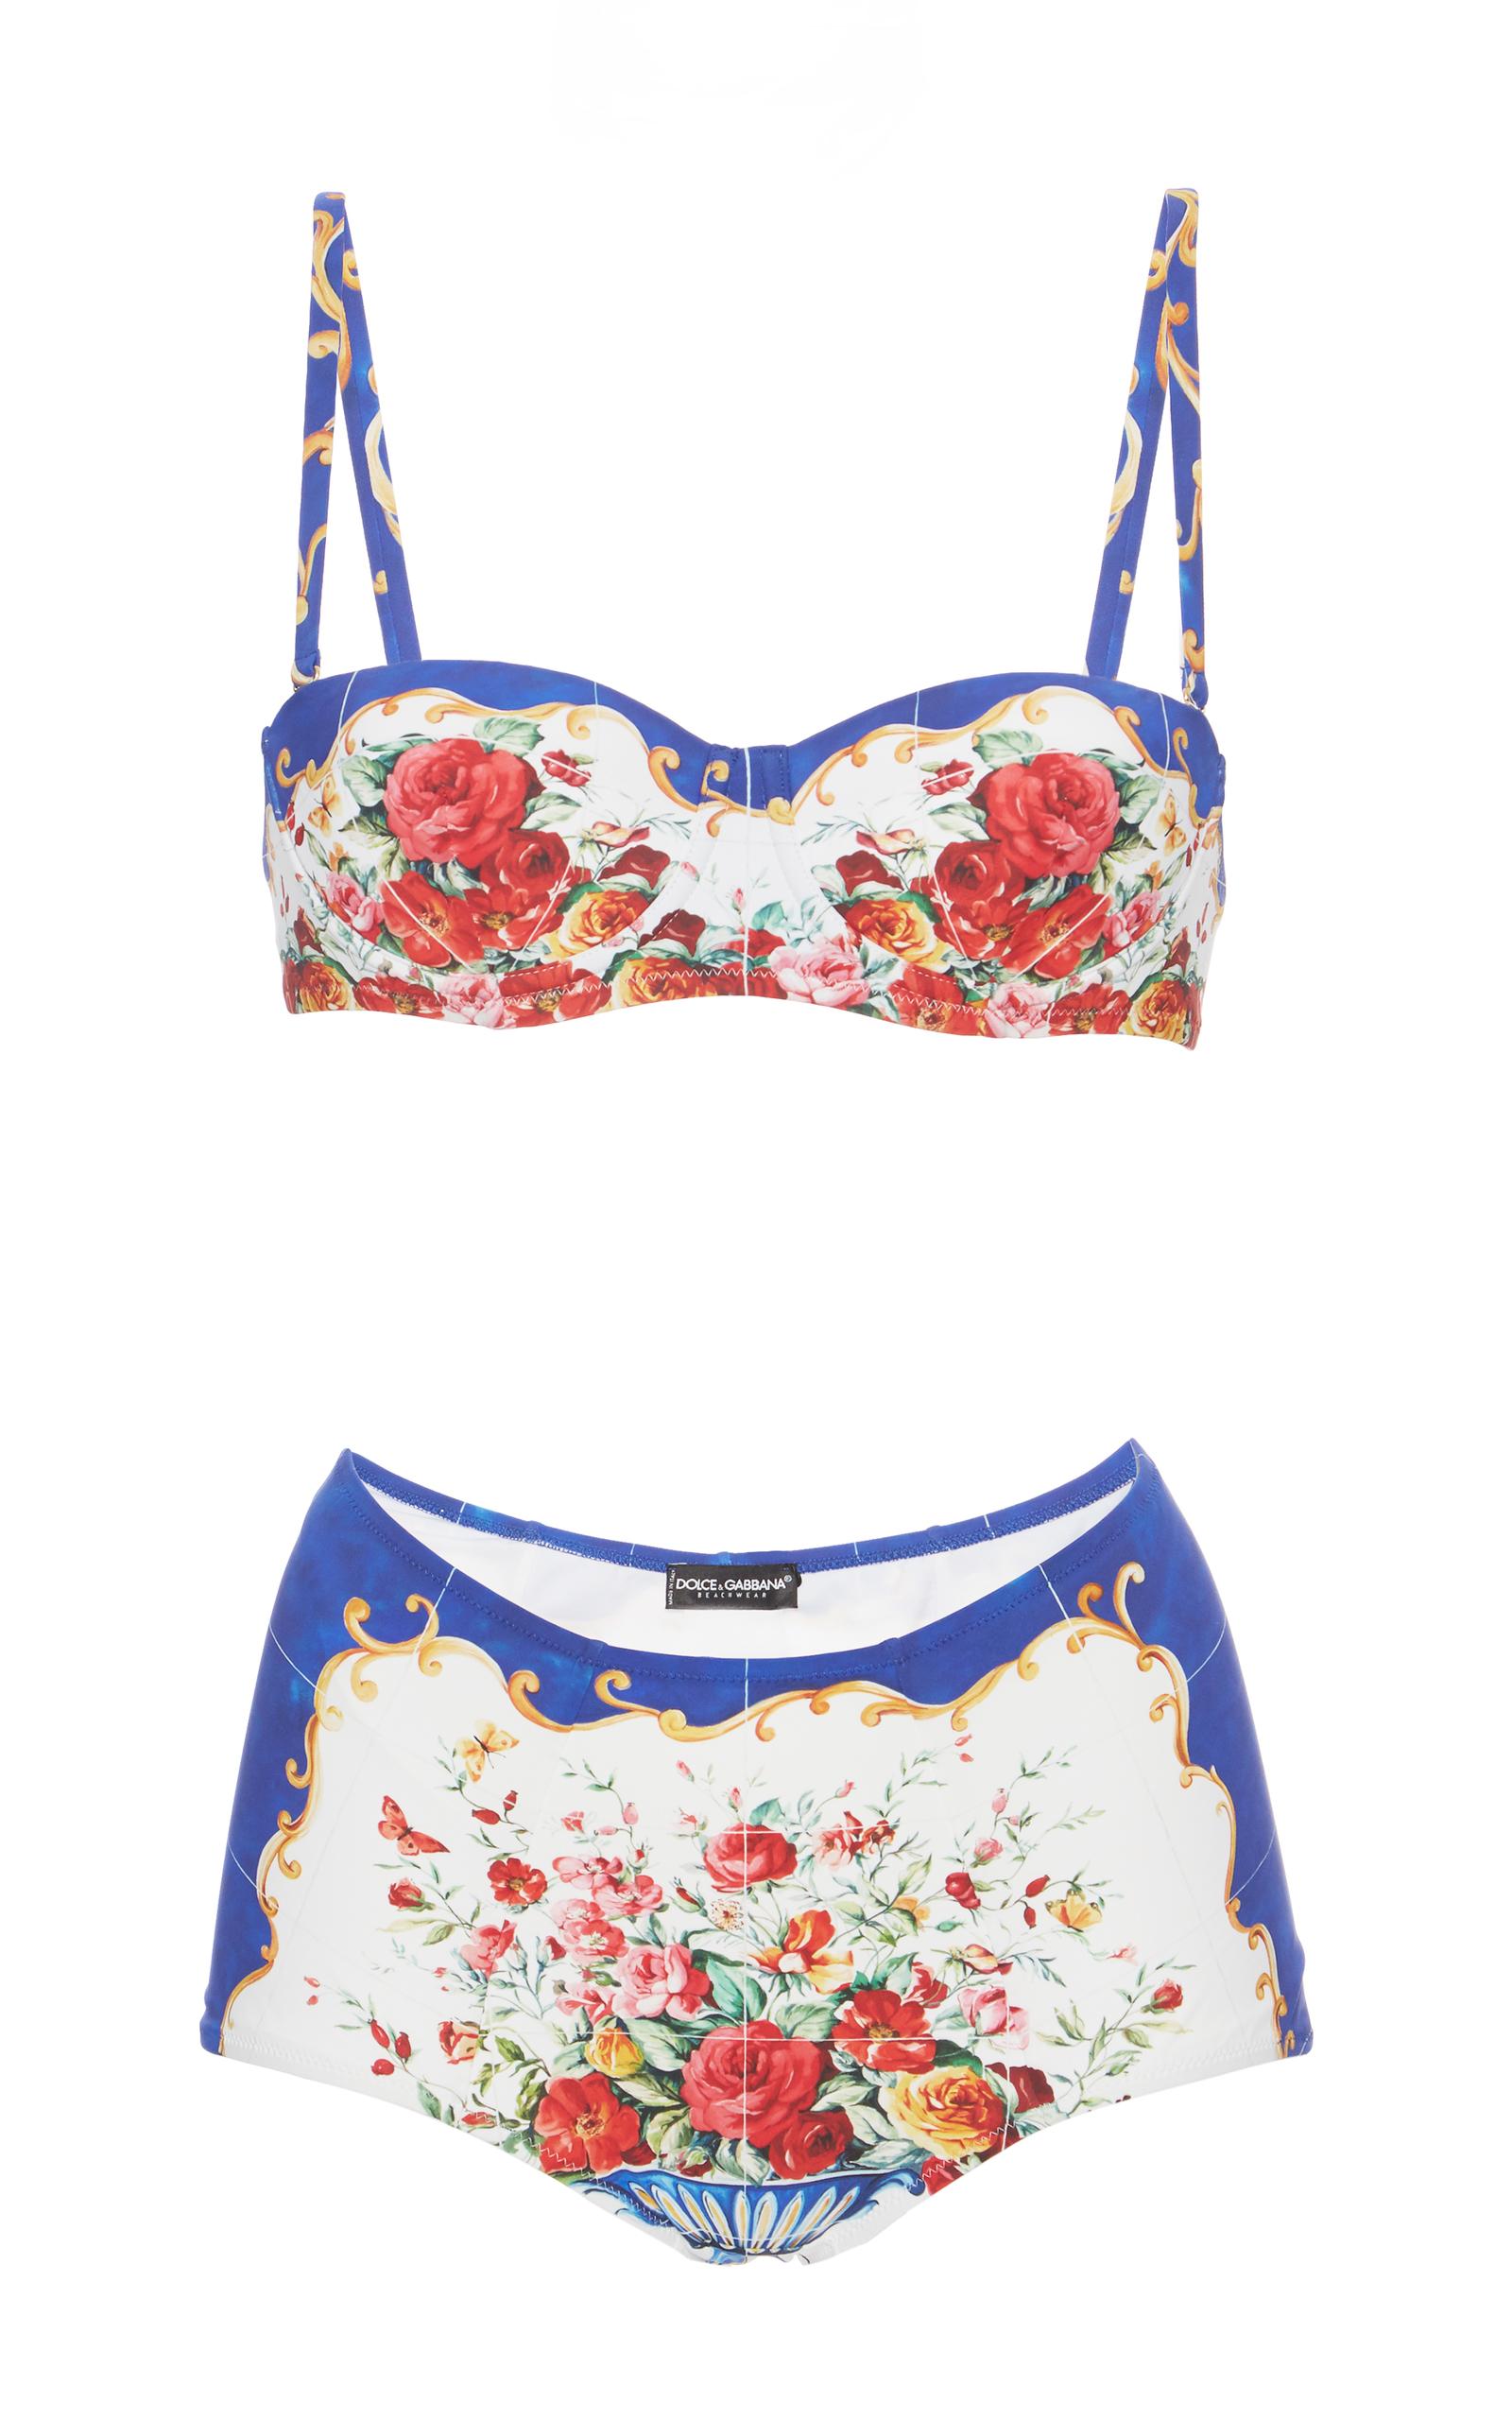 7730e48e19bdc Printed Bikini Set by Dolce & Gabbana   Moda Operandi